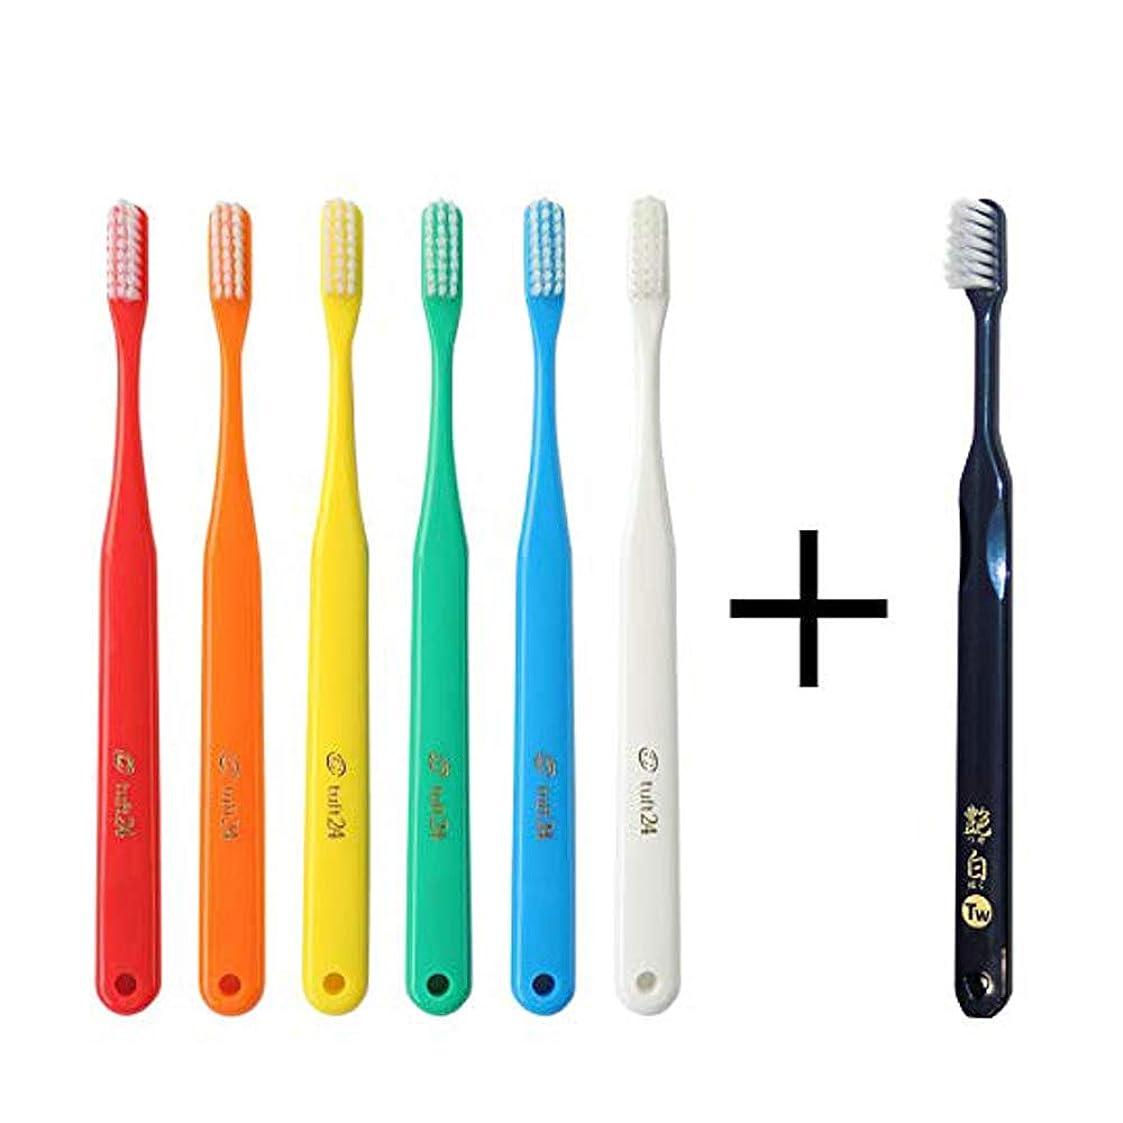 ドリンク焦げ雲タフト24 歯ブラシ × 10本 (MS) キャップなし + 艶白ツイン ハブラシ (MS やややわらかめ)×1本 むし歯予防 歯科専売品